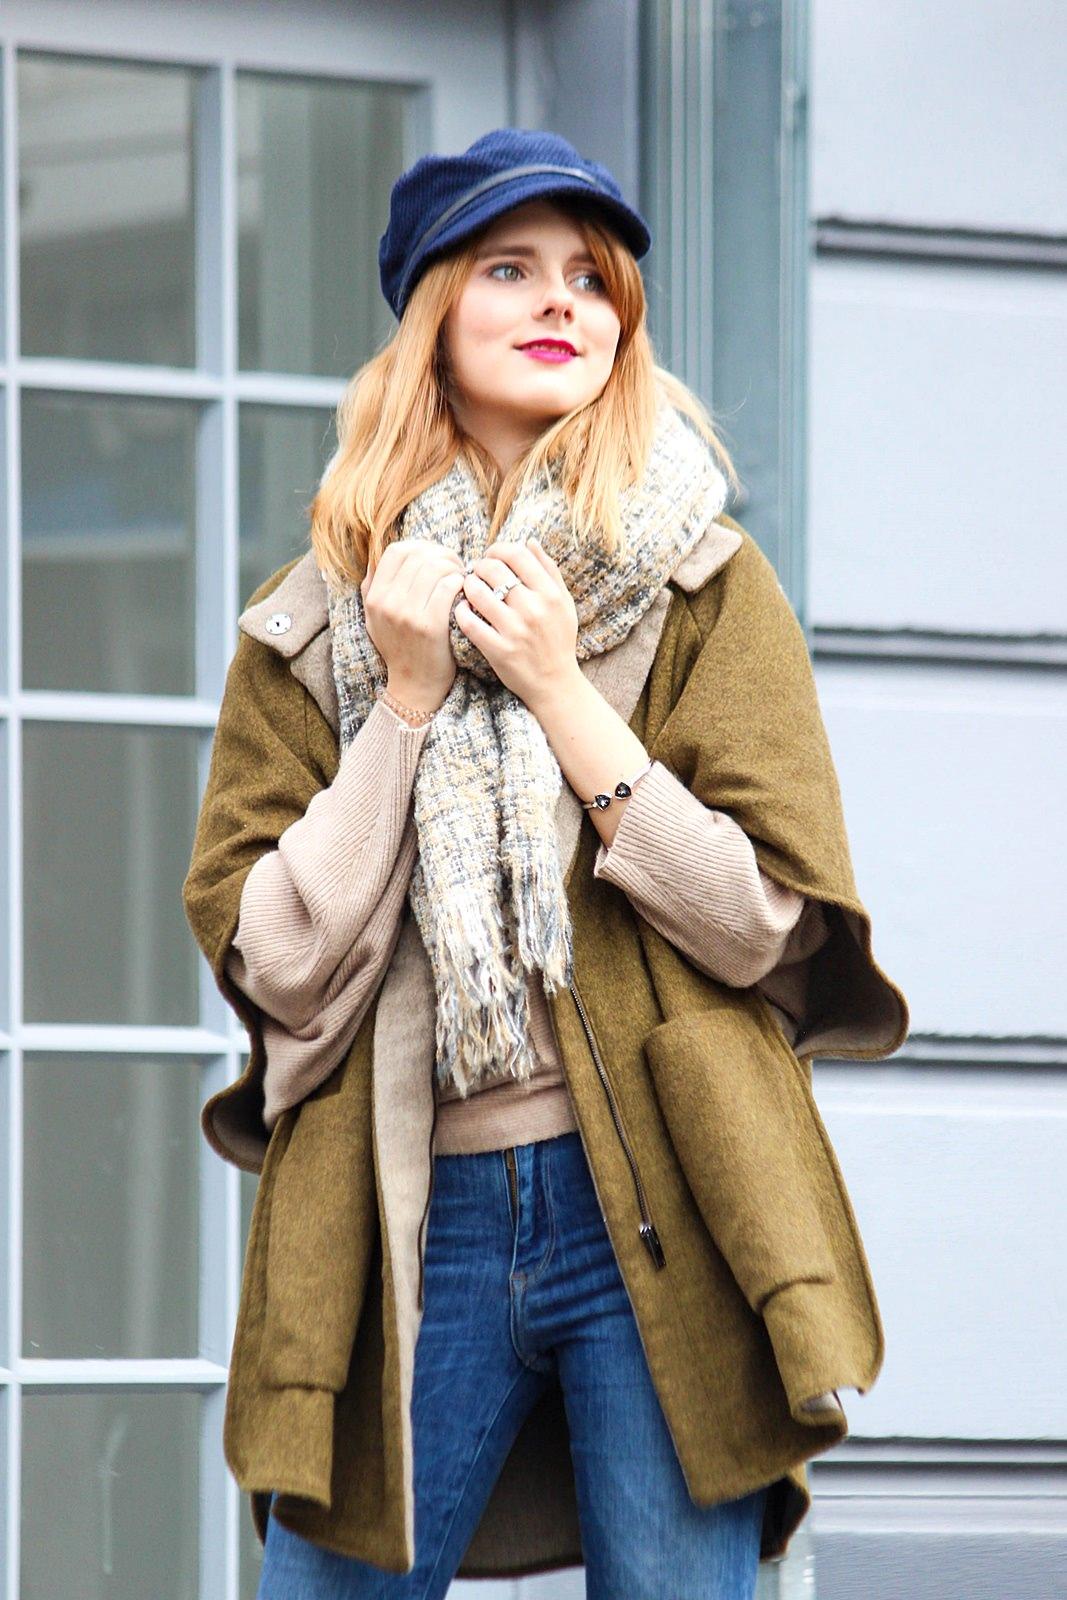 Oufit von Des Belles Choses - Fashionblog aus Köln: Cape im Winter